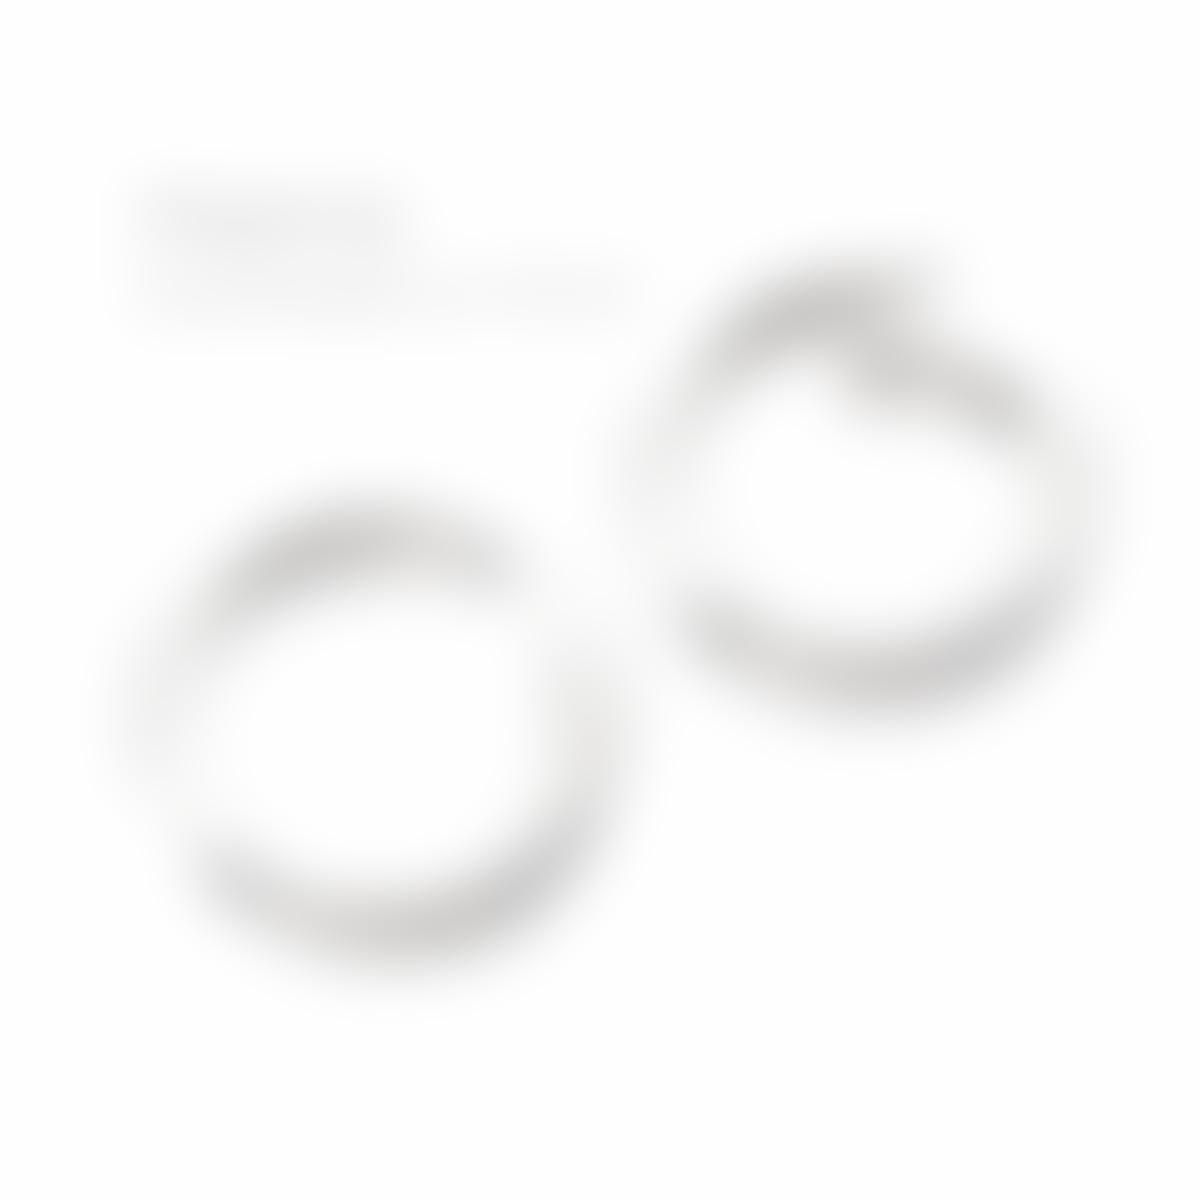 571a83c3f7f2b5 Schlüsselanhänger mit Namen Kinder - Erwachsene - Doppelnamen möglich -  GRATIS Versand - Taschenbaumler - Stern - Schlüsselring - verschiedene  Farben  ...